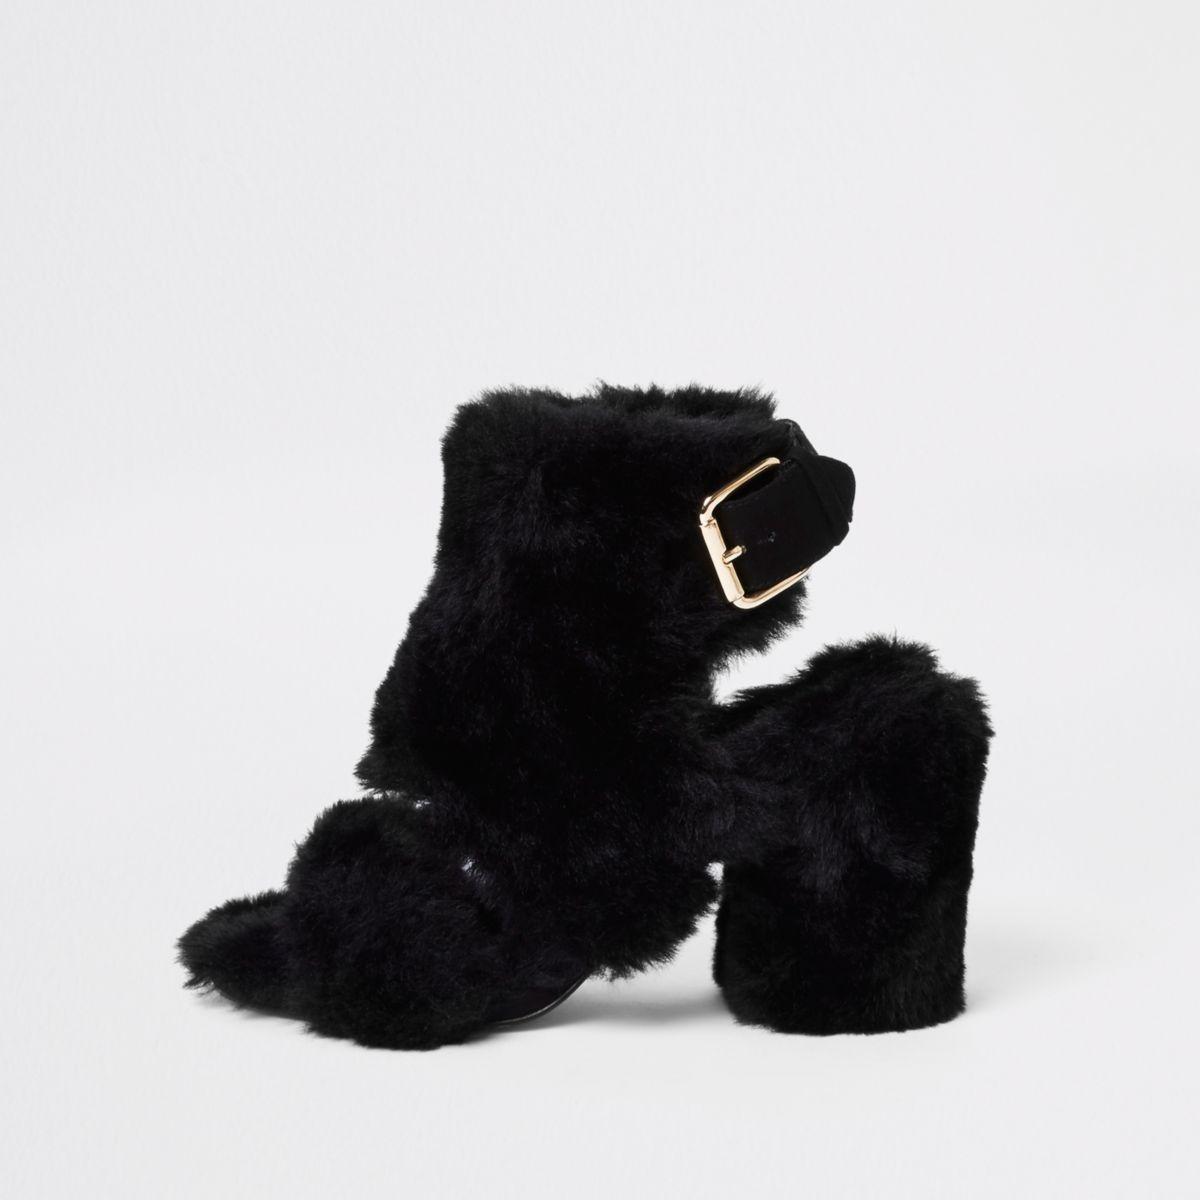 Zwarte schoenlaarsjes van imitatiebont met blokhak